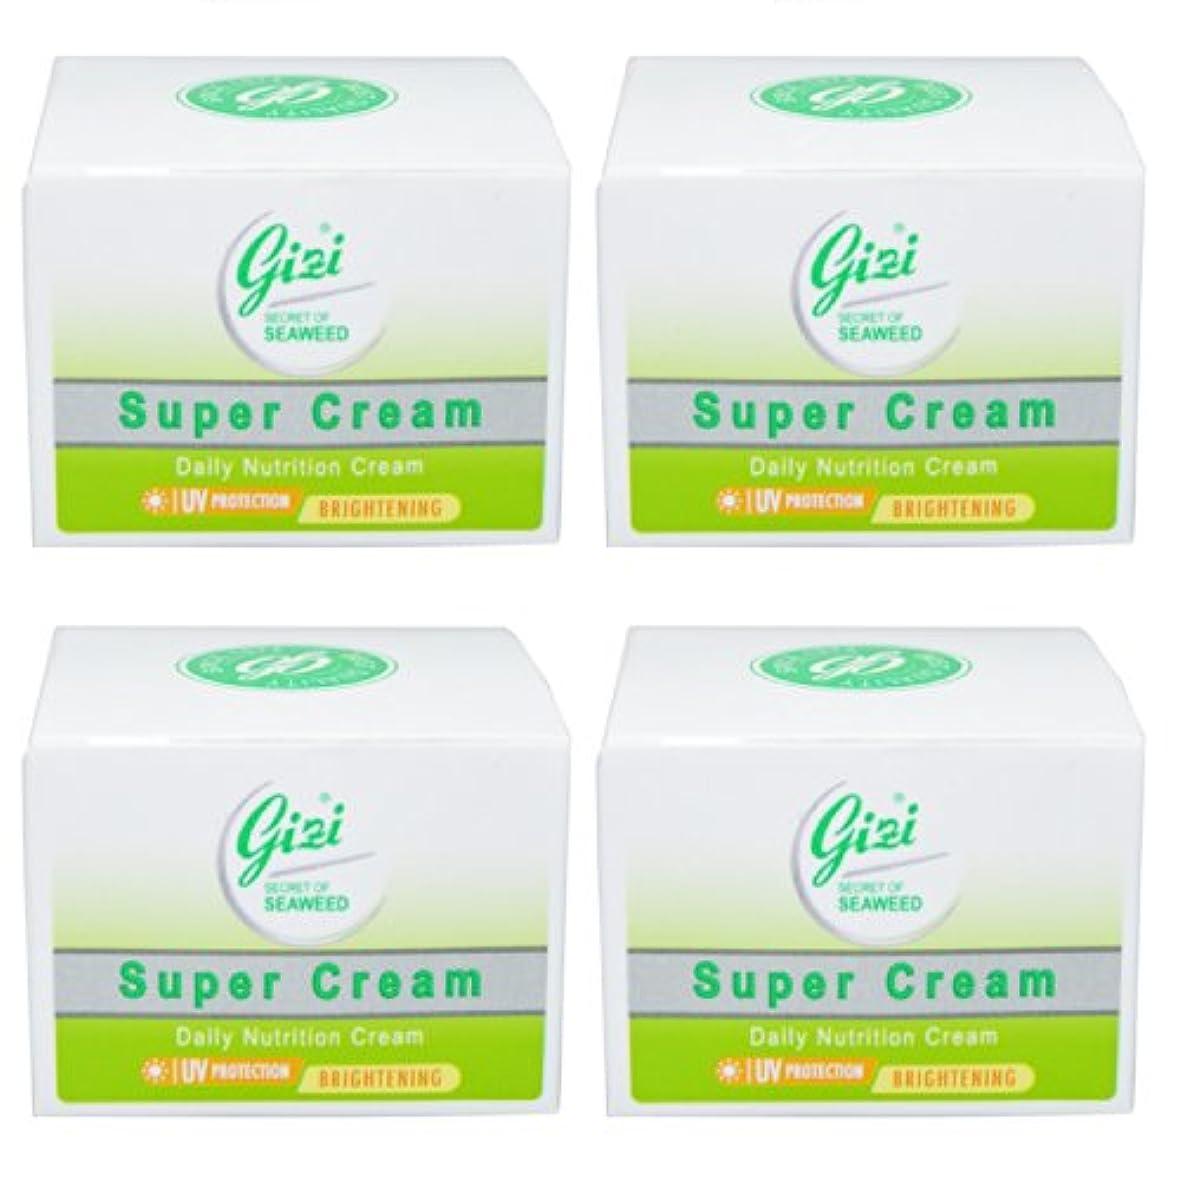 名義で出会い放射性GIZI Super Cream(ギジ スーパークリーム)フェイスクリーム9g 4個セット[並行輸入品][海外直送品]